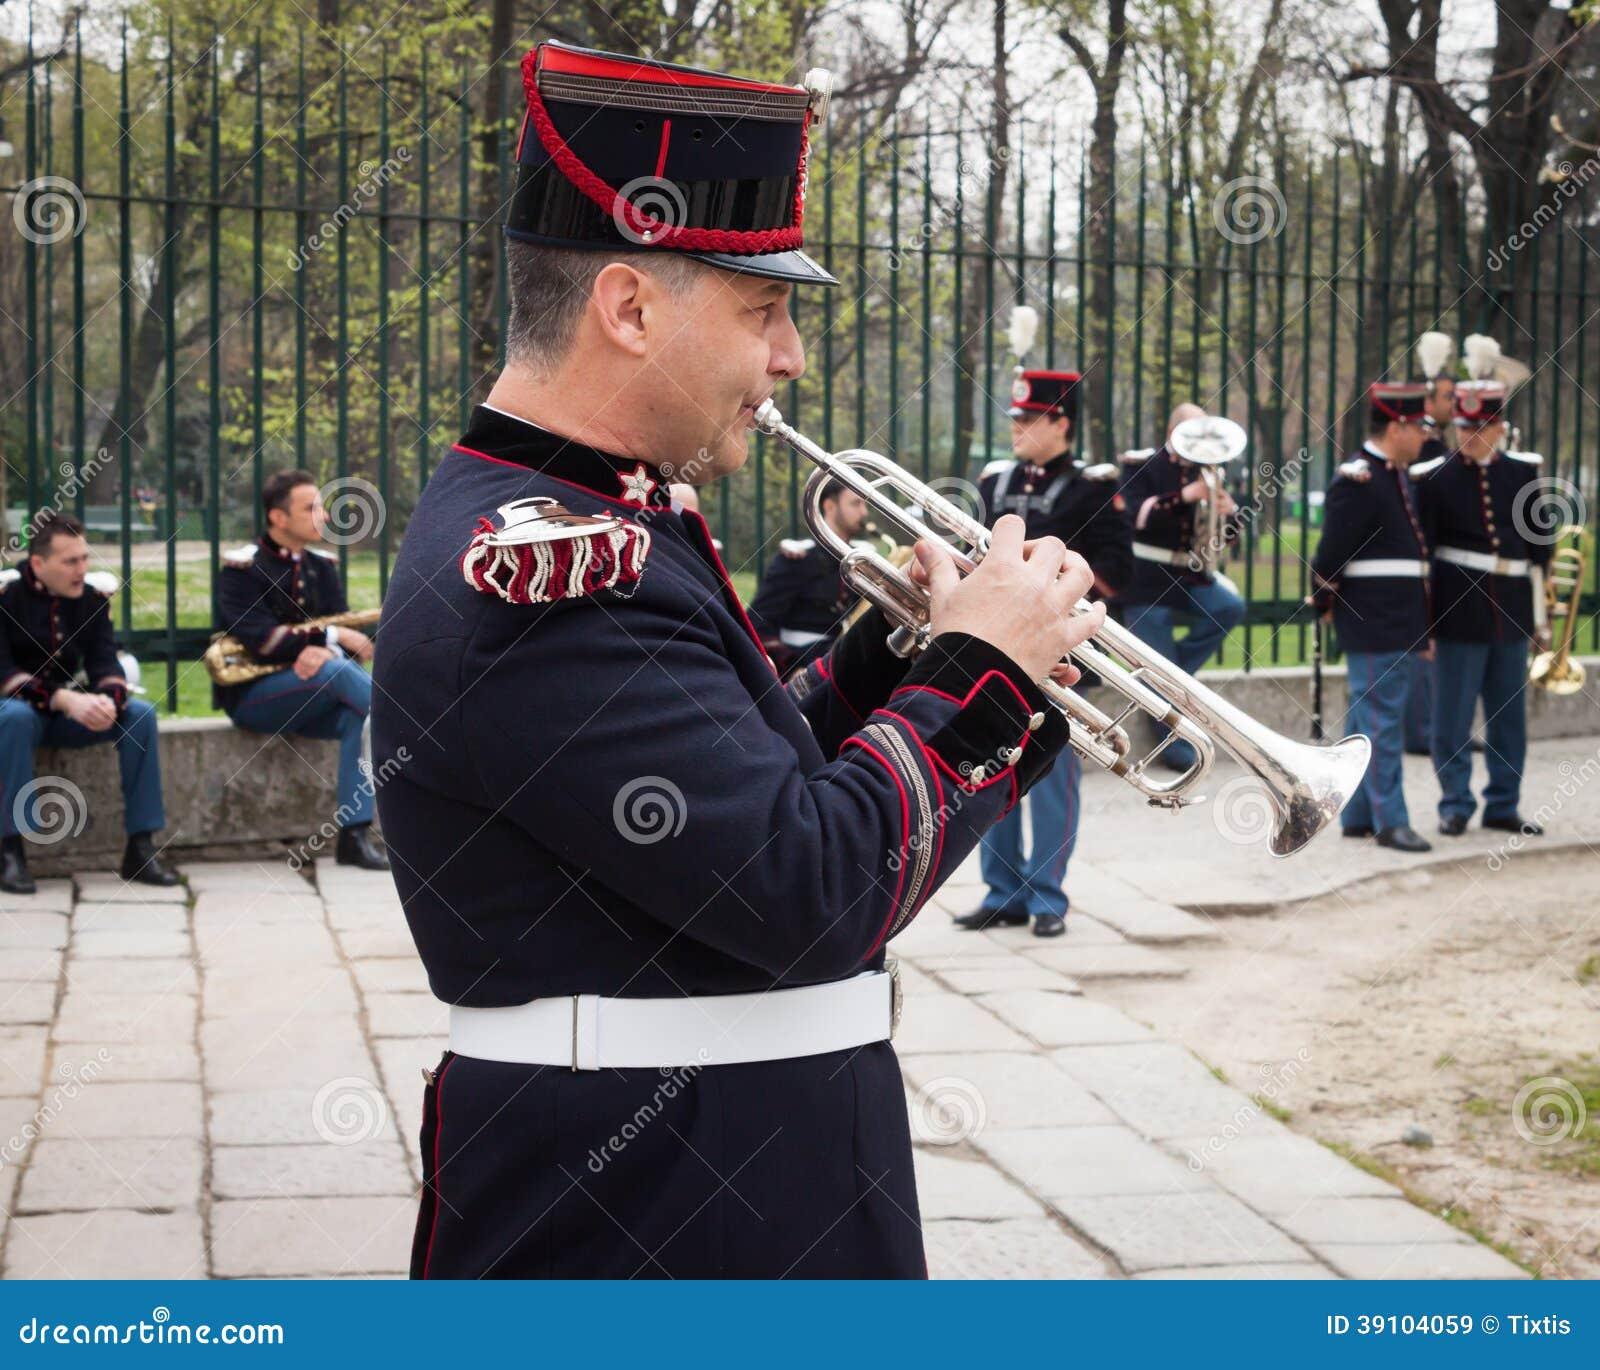 Legermuzikant bij de eedceremonie